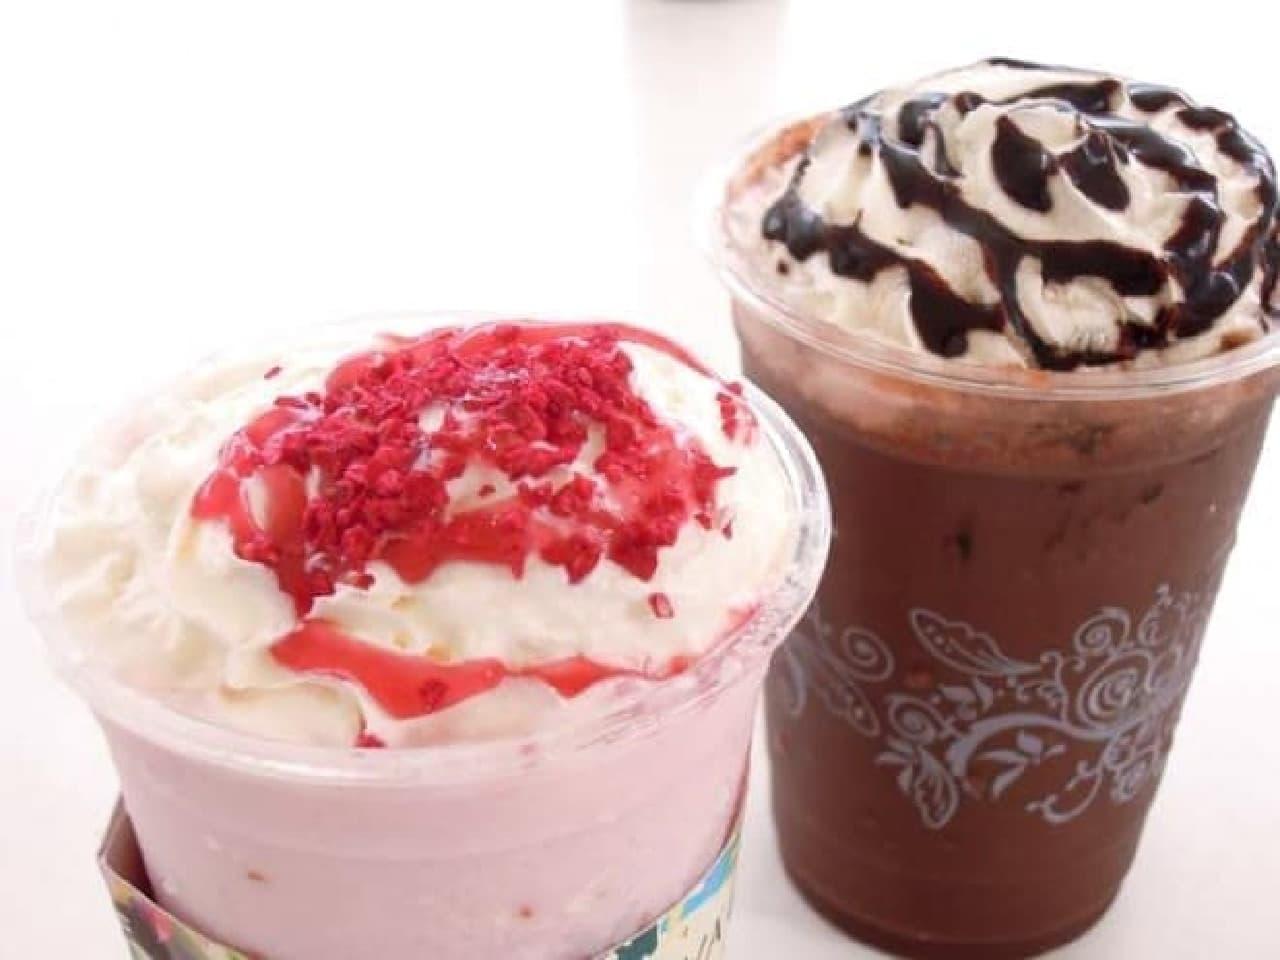 ゴディバ「ショコリキサー ダークチョコレートデカダンス」「同 ホワイトチョコレートラズベリー&ローズ」